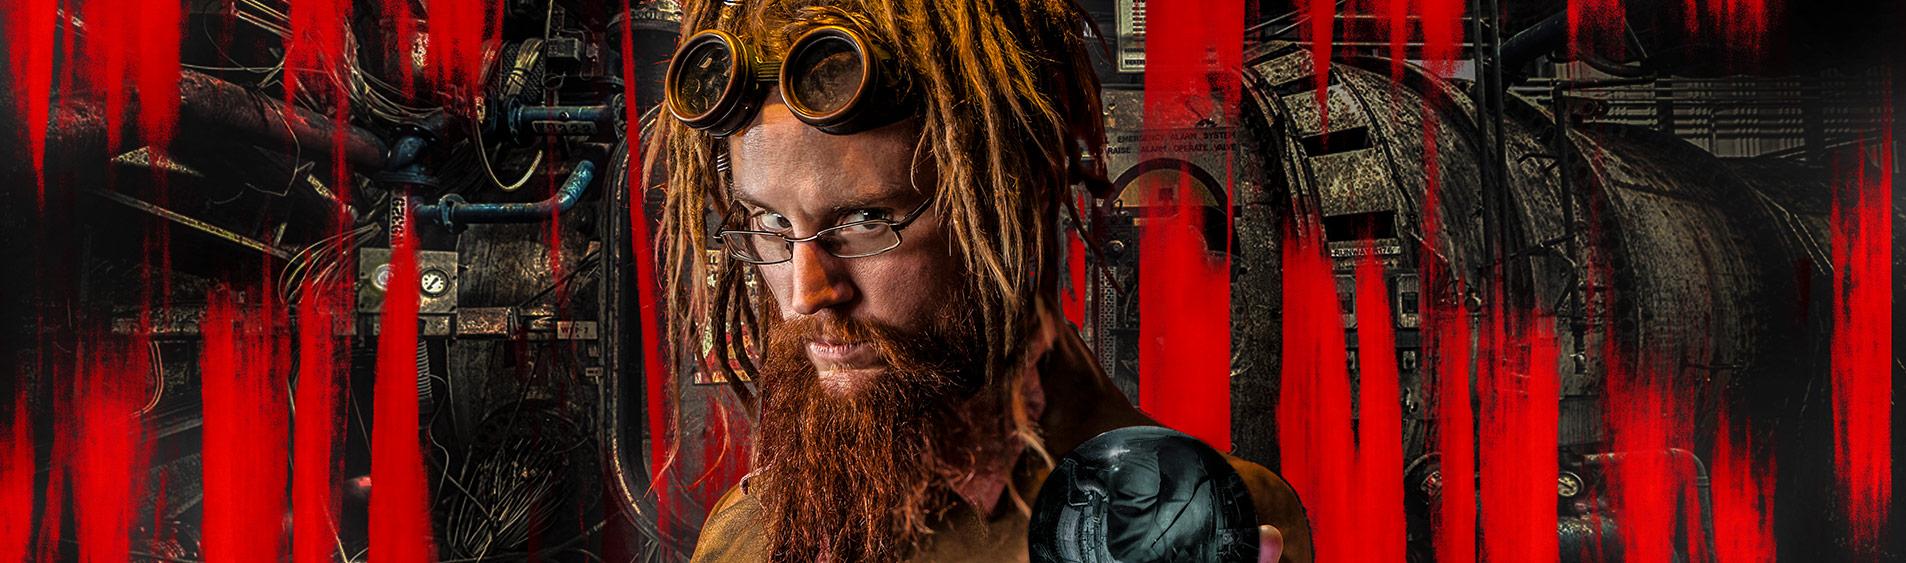 Steam-punk-portrait-joe-ballard-robert-mora-auckland-portrait-photographer-nz